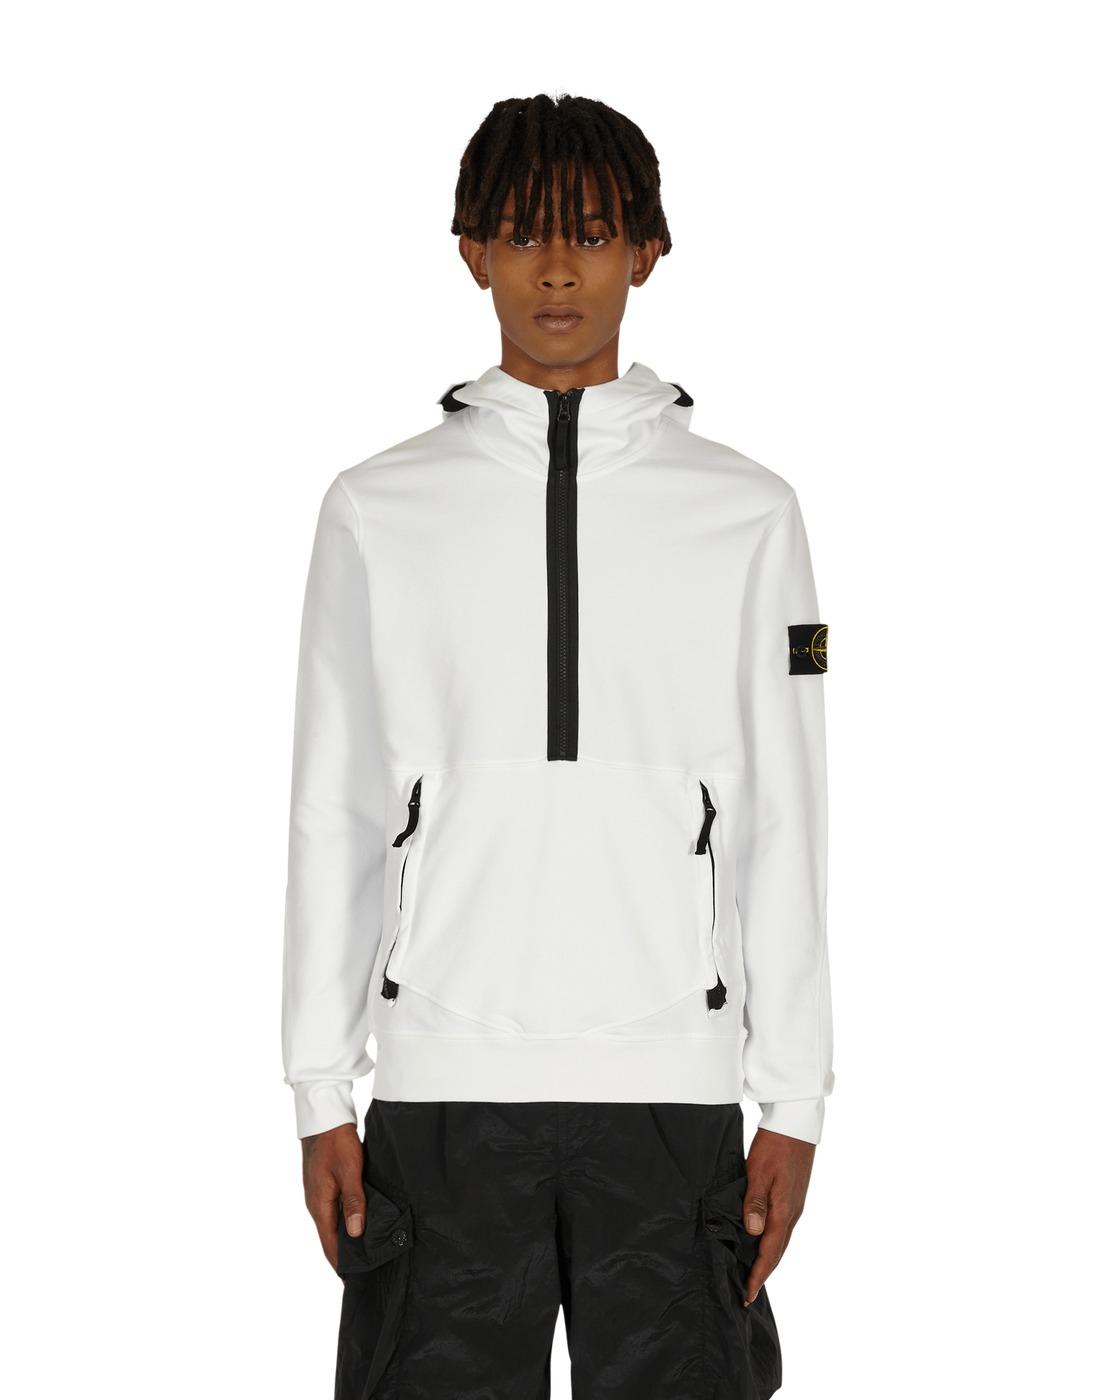 Photo: Stone Island Classic Half Zip Hooded Sweatshirt White